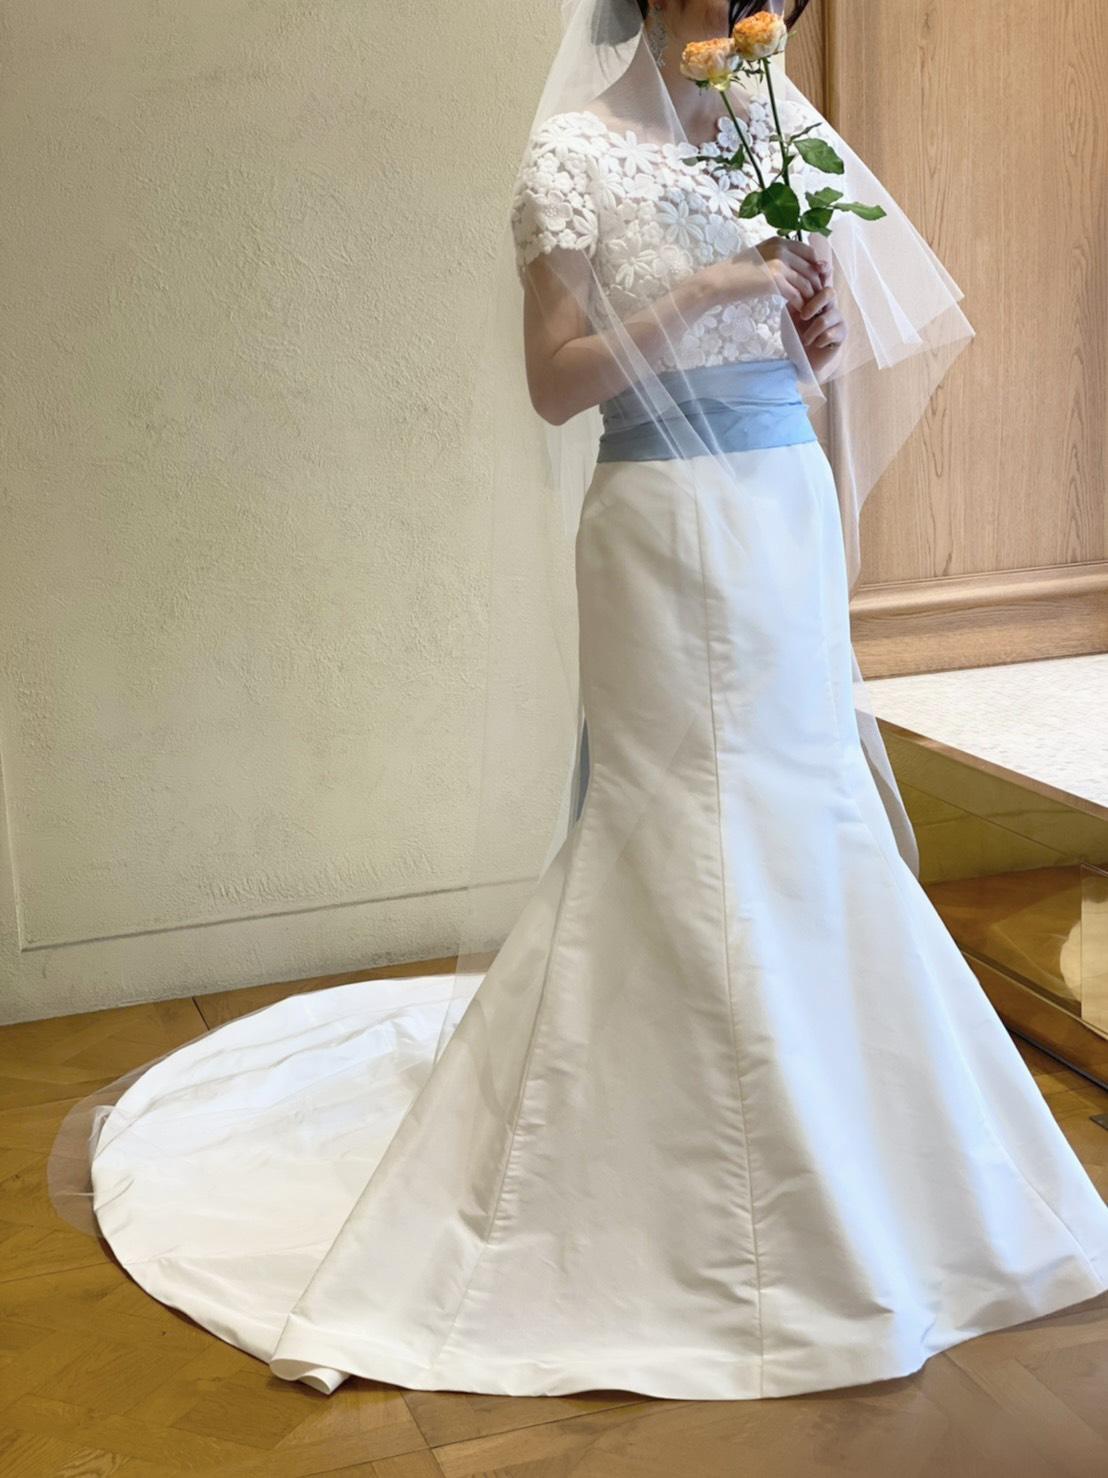 ザ・トリートドレッシングから誕生したブランドのトリートメゾンのブルーリボンがあしらわれたドレス